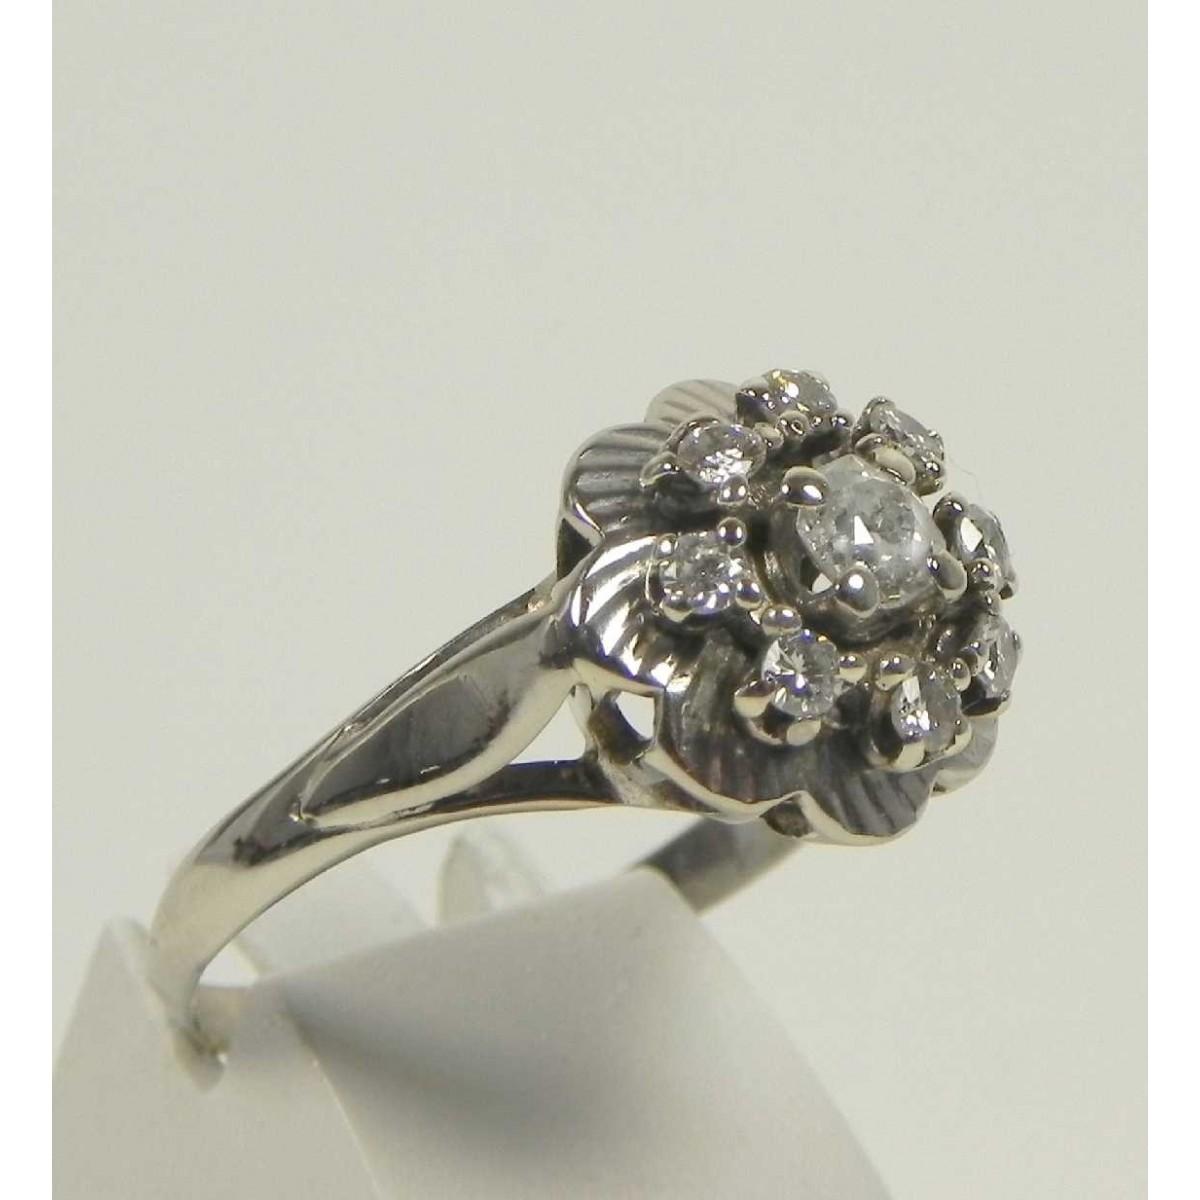 Extrêmement Bague ancienne, or gris et diamants - Muse & Or VM53